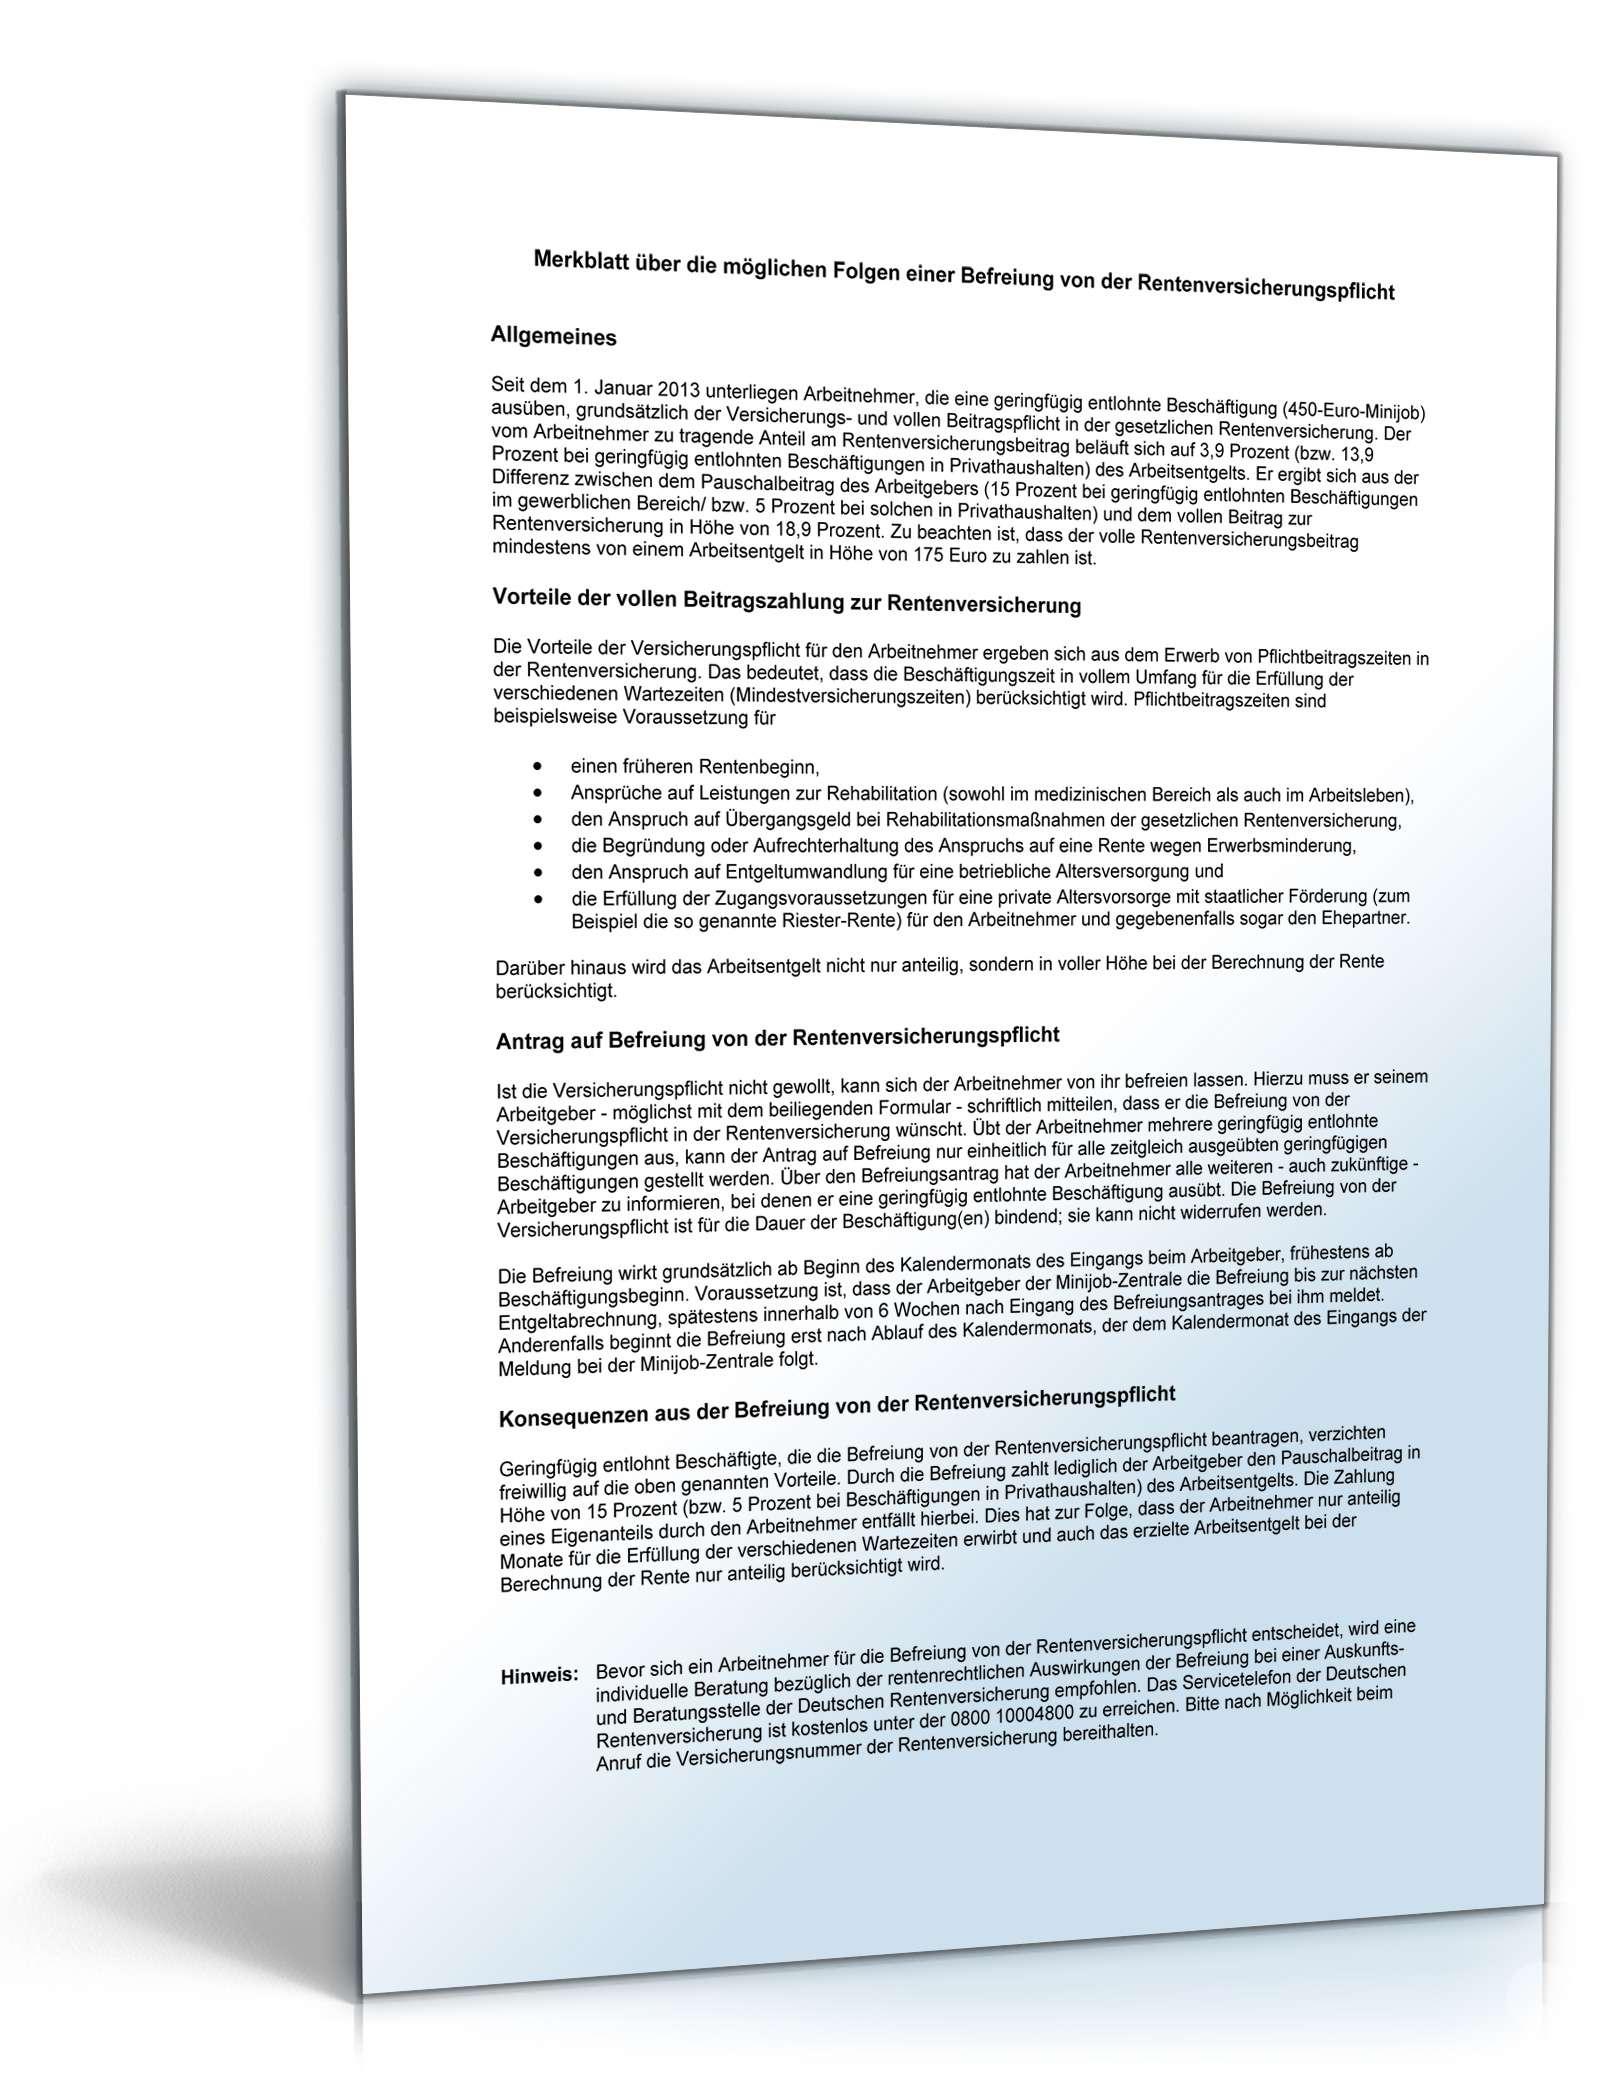 Antrag Befreiung Rentenversicherungspflicht Formular Zum Download